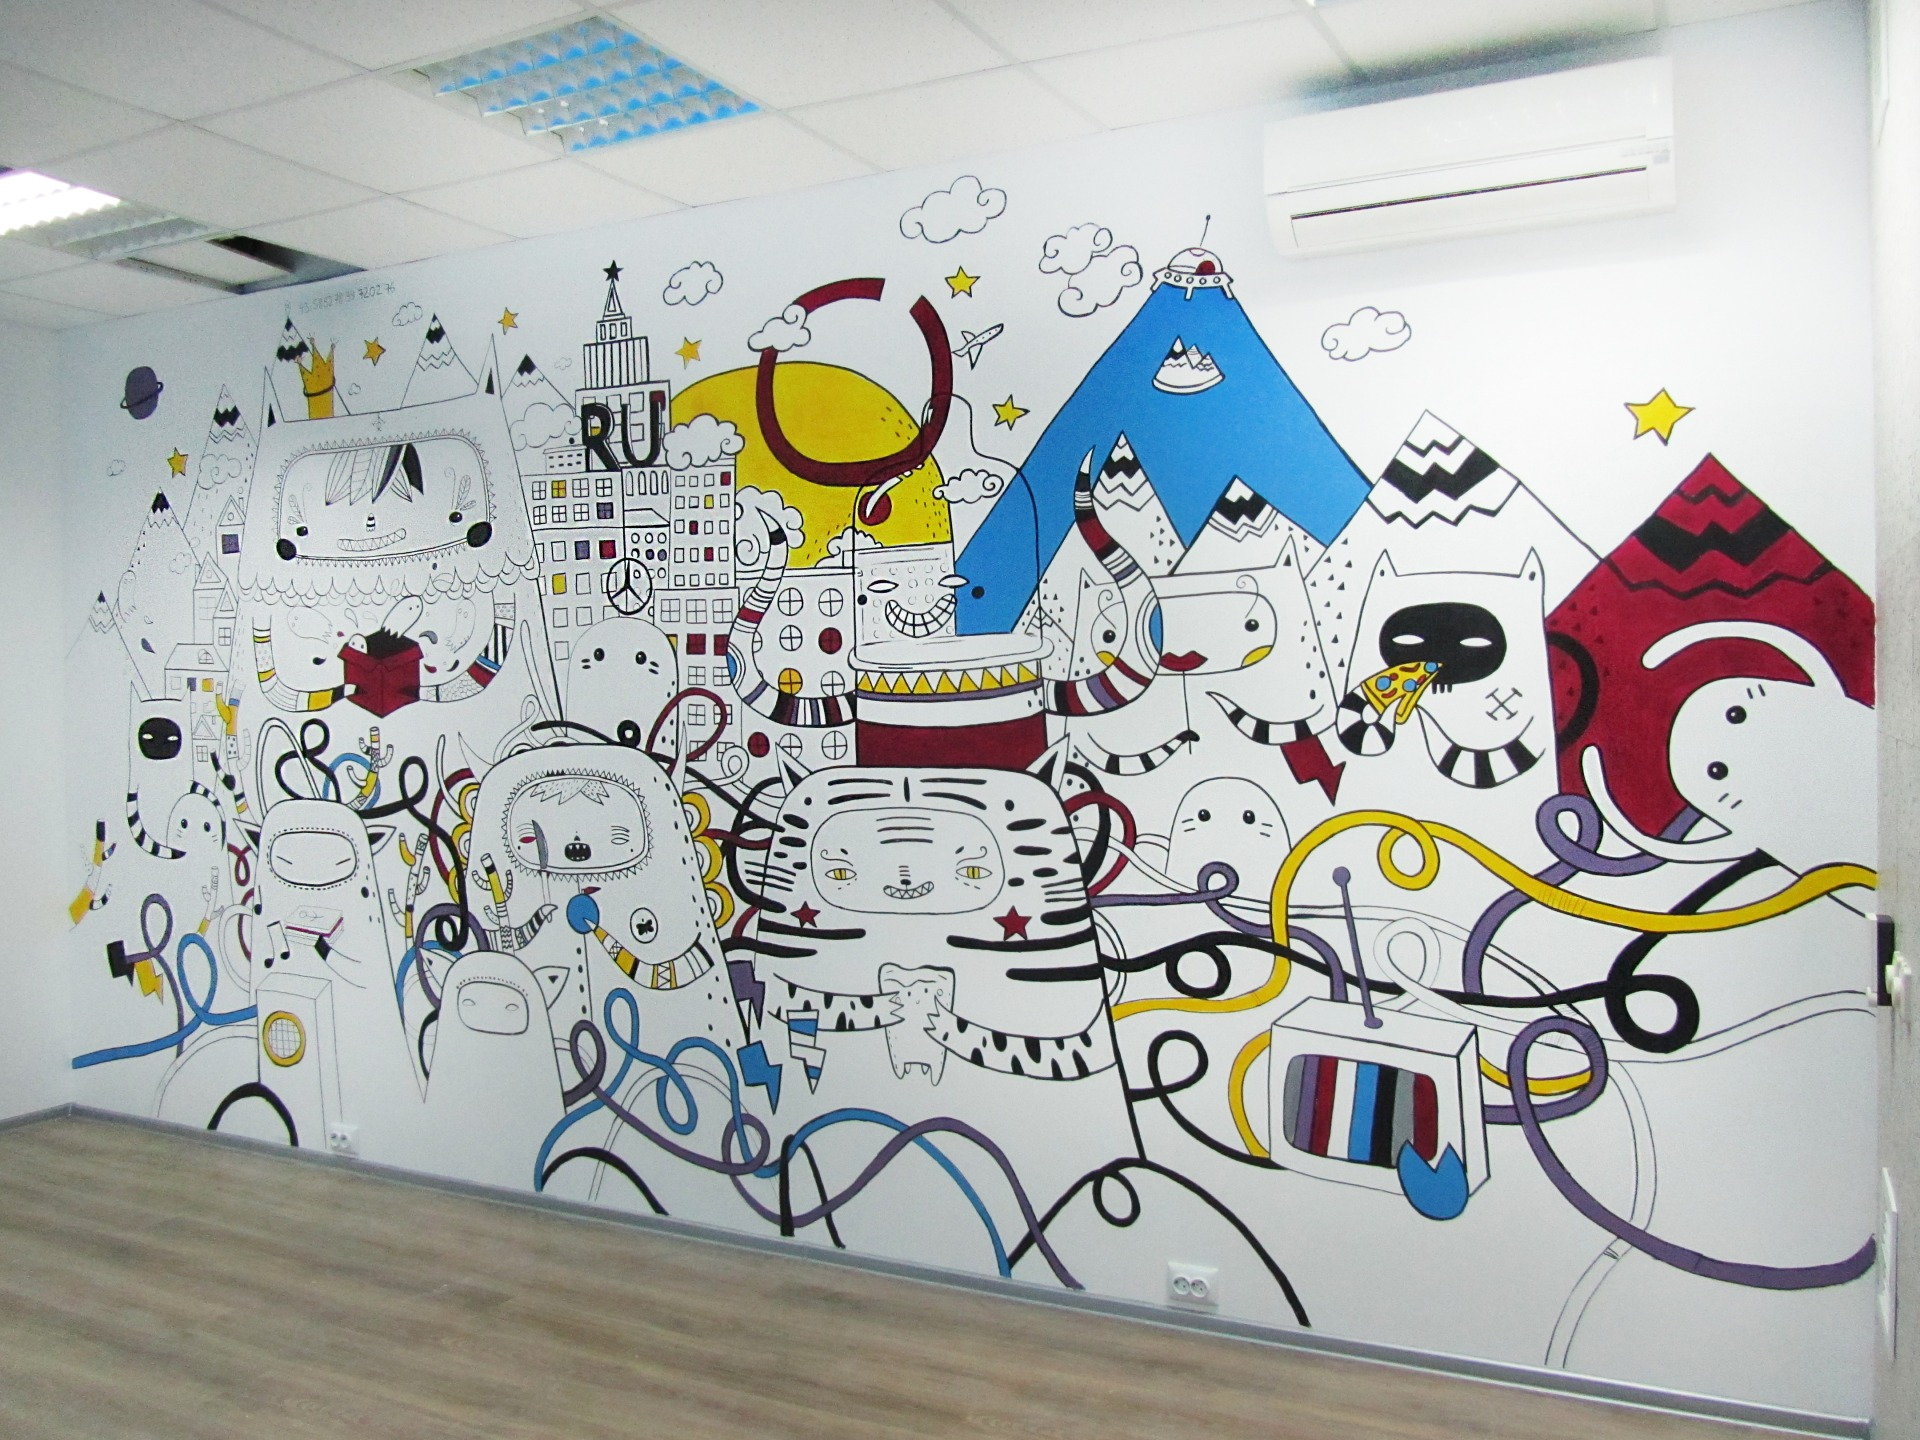 рисунок для офиса на стену метрополь девелопмента